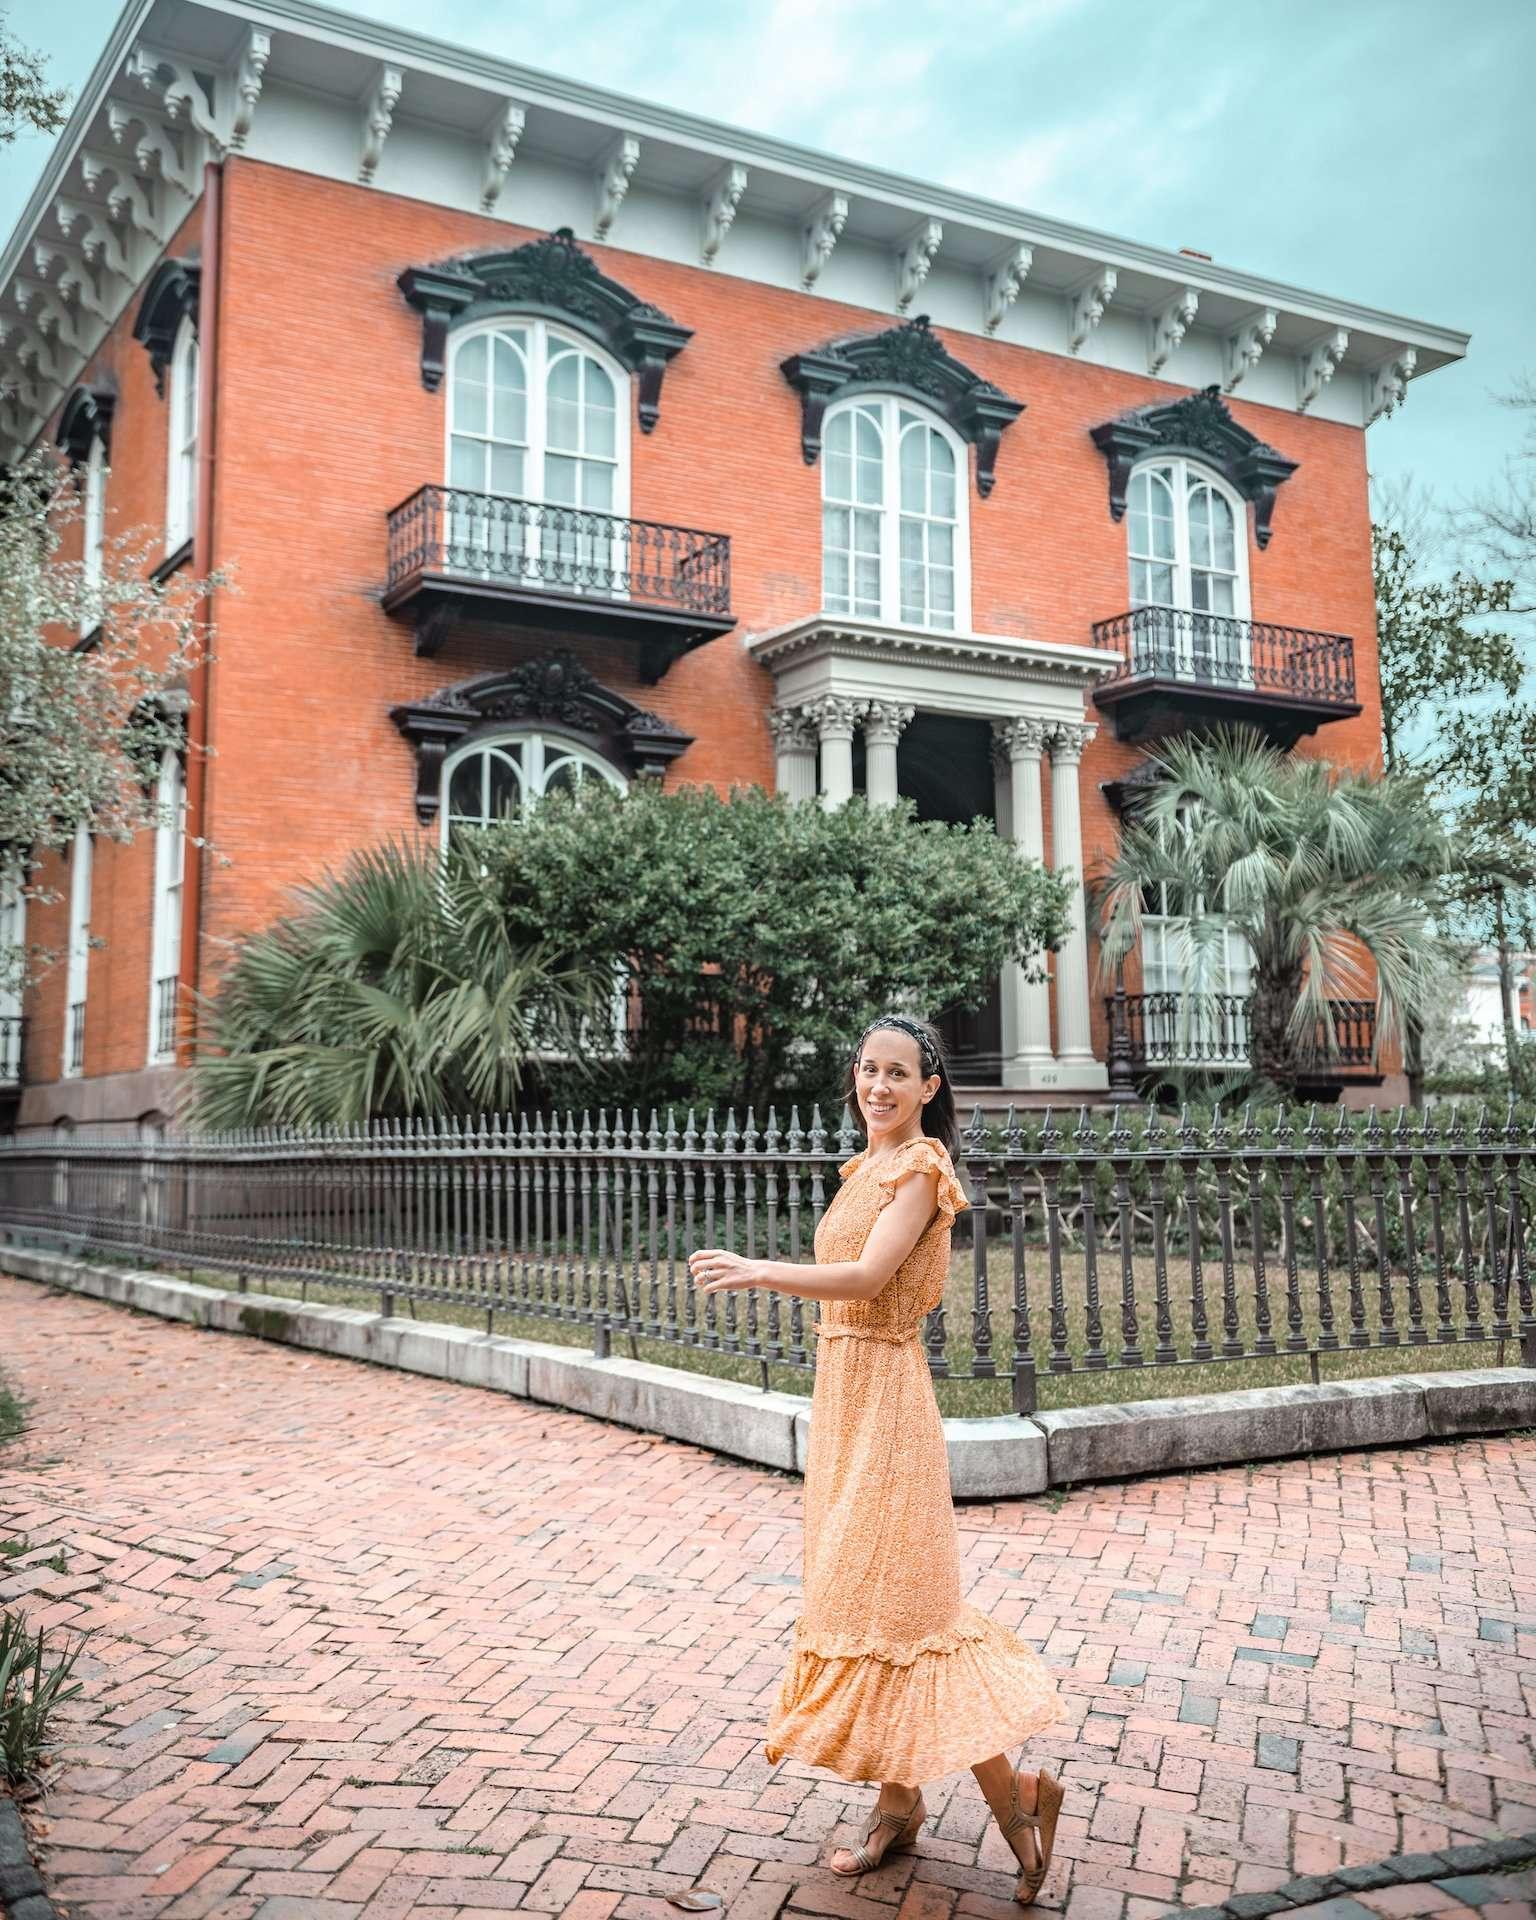 Mercer-Williams House